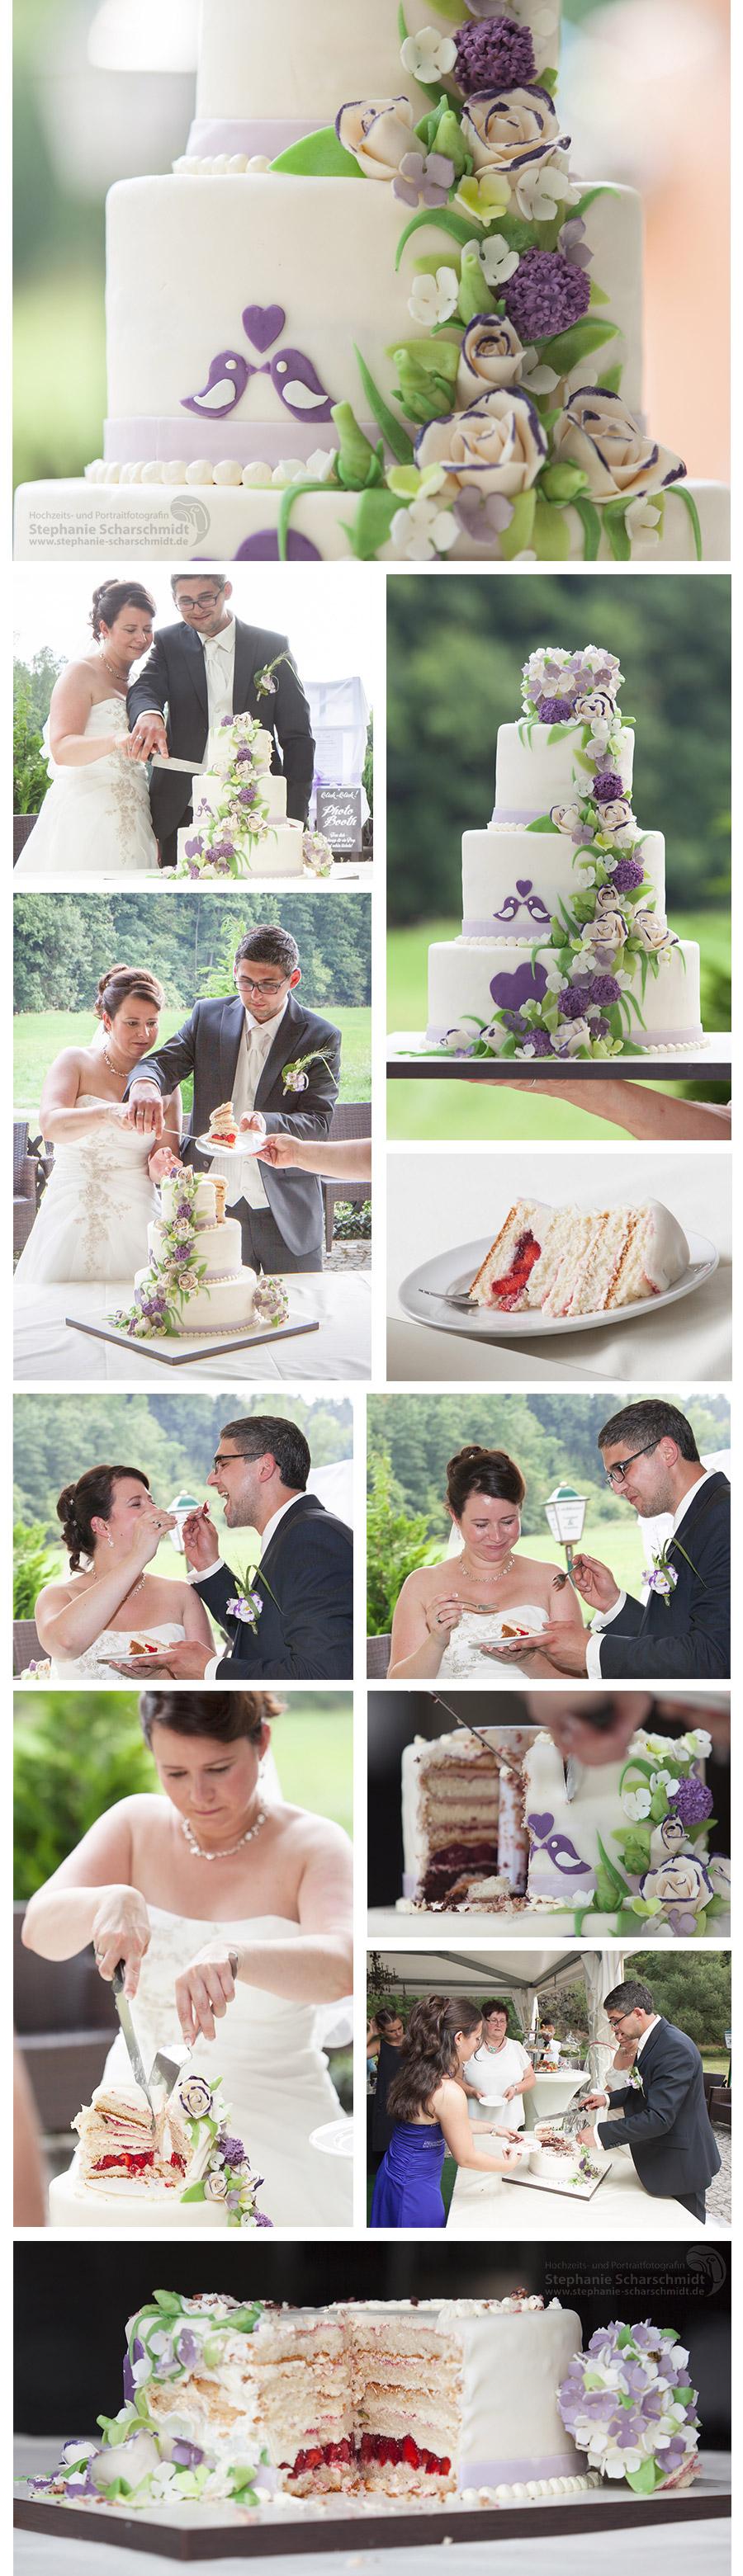 Lila Hochzeitstorte in Plauen mit Romantische Fögel Deko in der Pension und Restaurant Lochbauer in Plauen im Vogtland – Stephanie Scharschmidt Hochzeitsfotograf Plauen